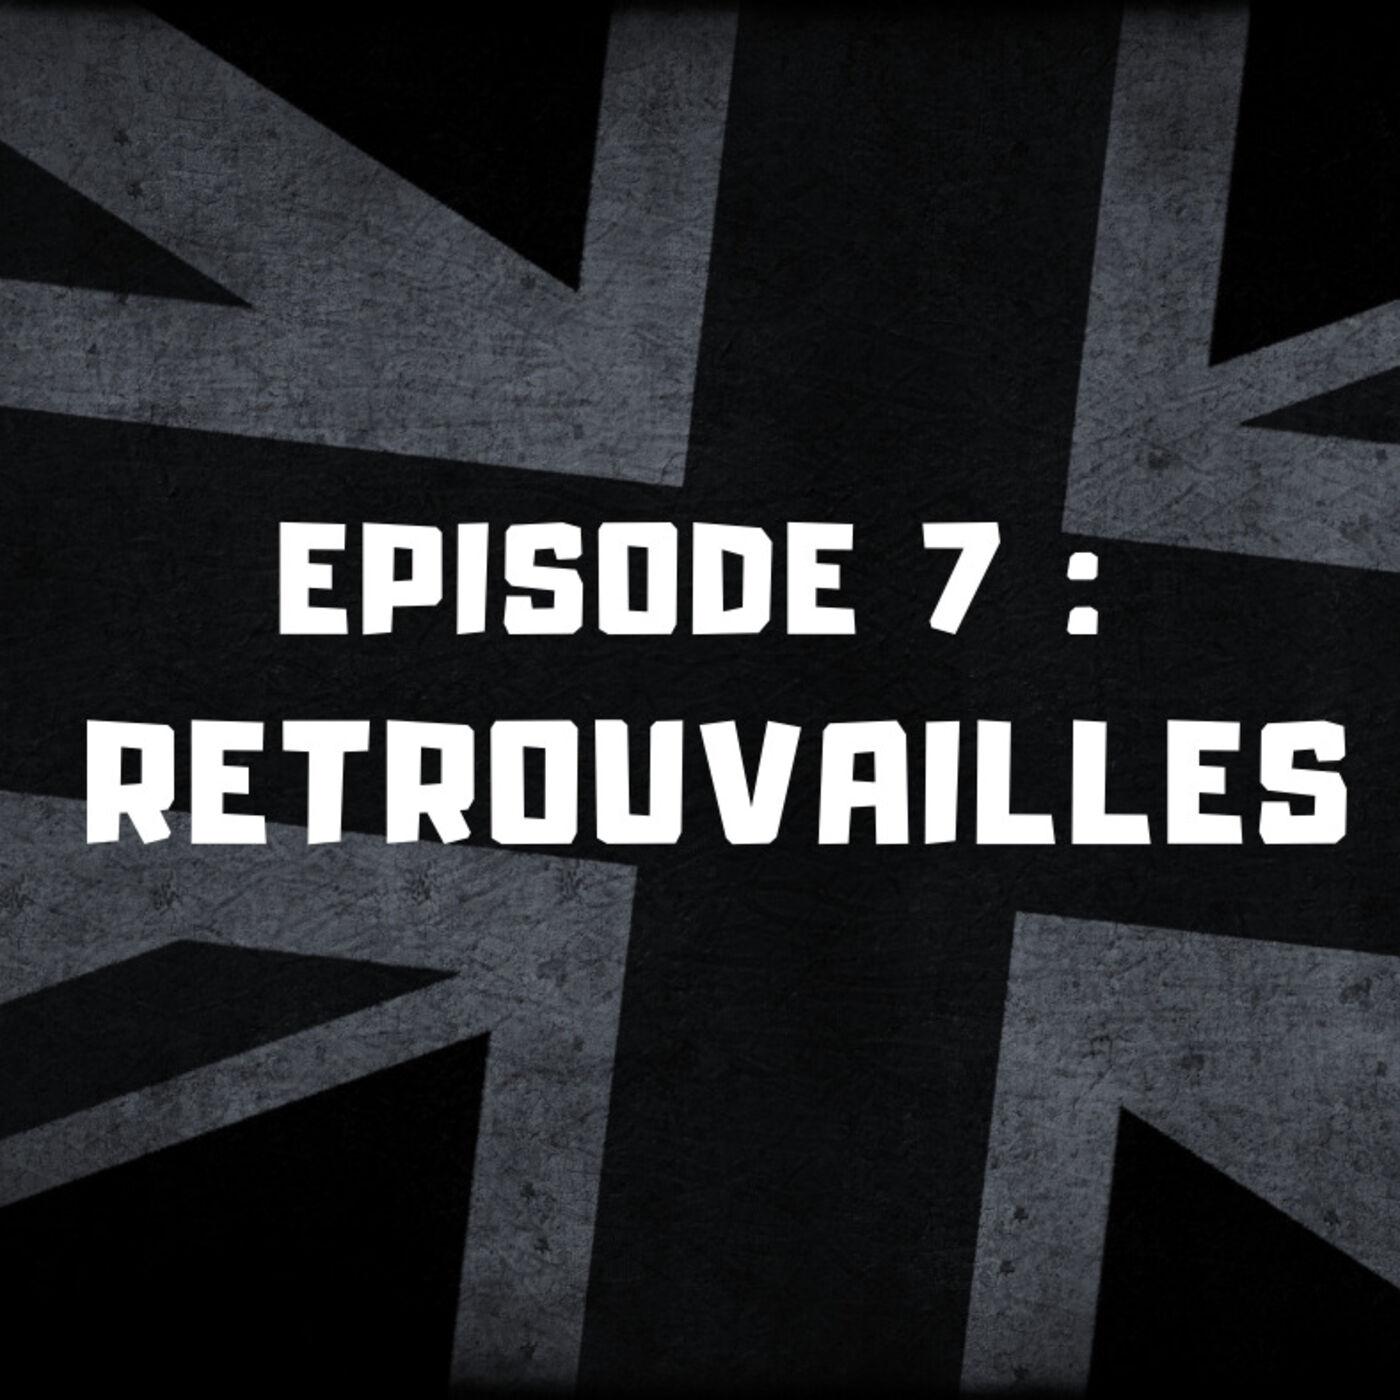 Episode 7 - Retrouvailles